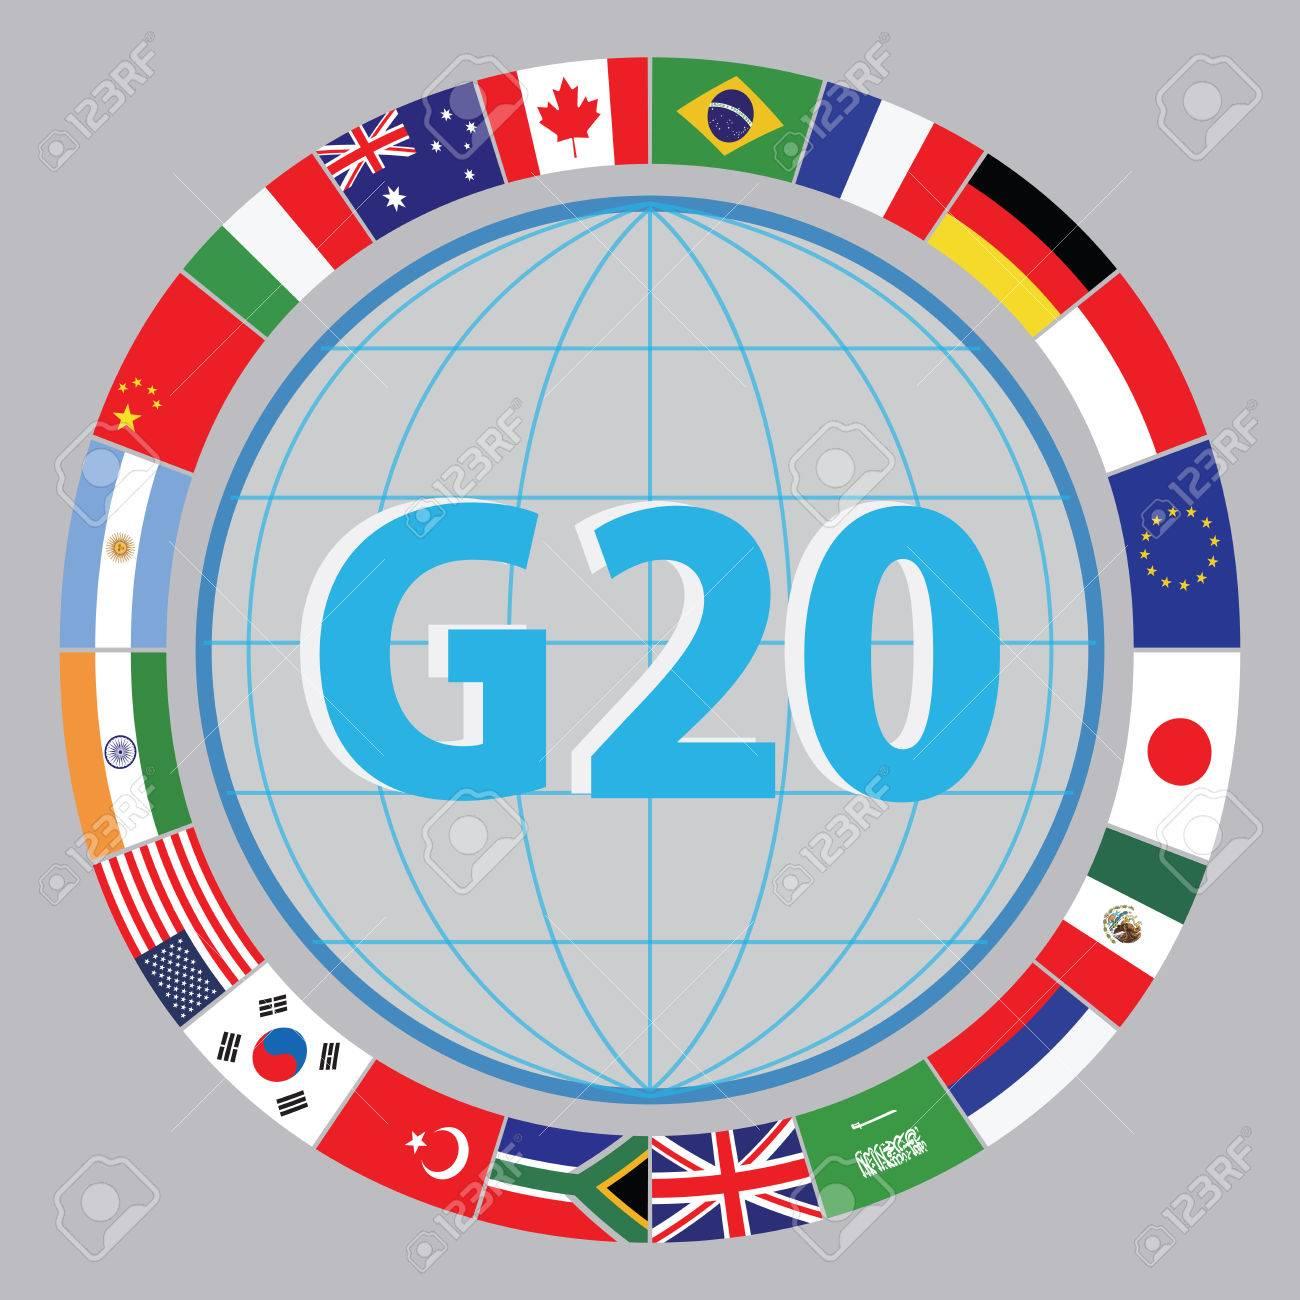 G20-Länder Fahnen Oder Flaggen Der Weltwirtschafts G20 Länder Flagge  Illustration. Einfach Zu ändern Lizenzfrei Nutzbare Vektorgrafiken, Clip  Arts, Illustrationen. Image 52492933.